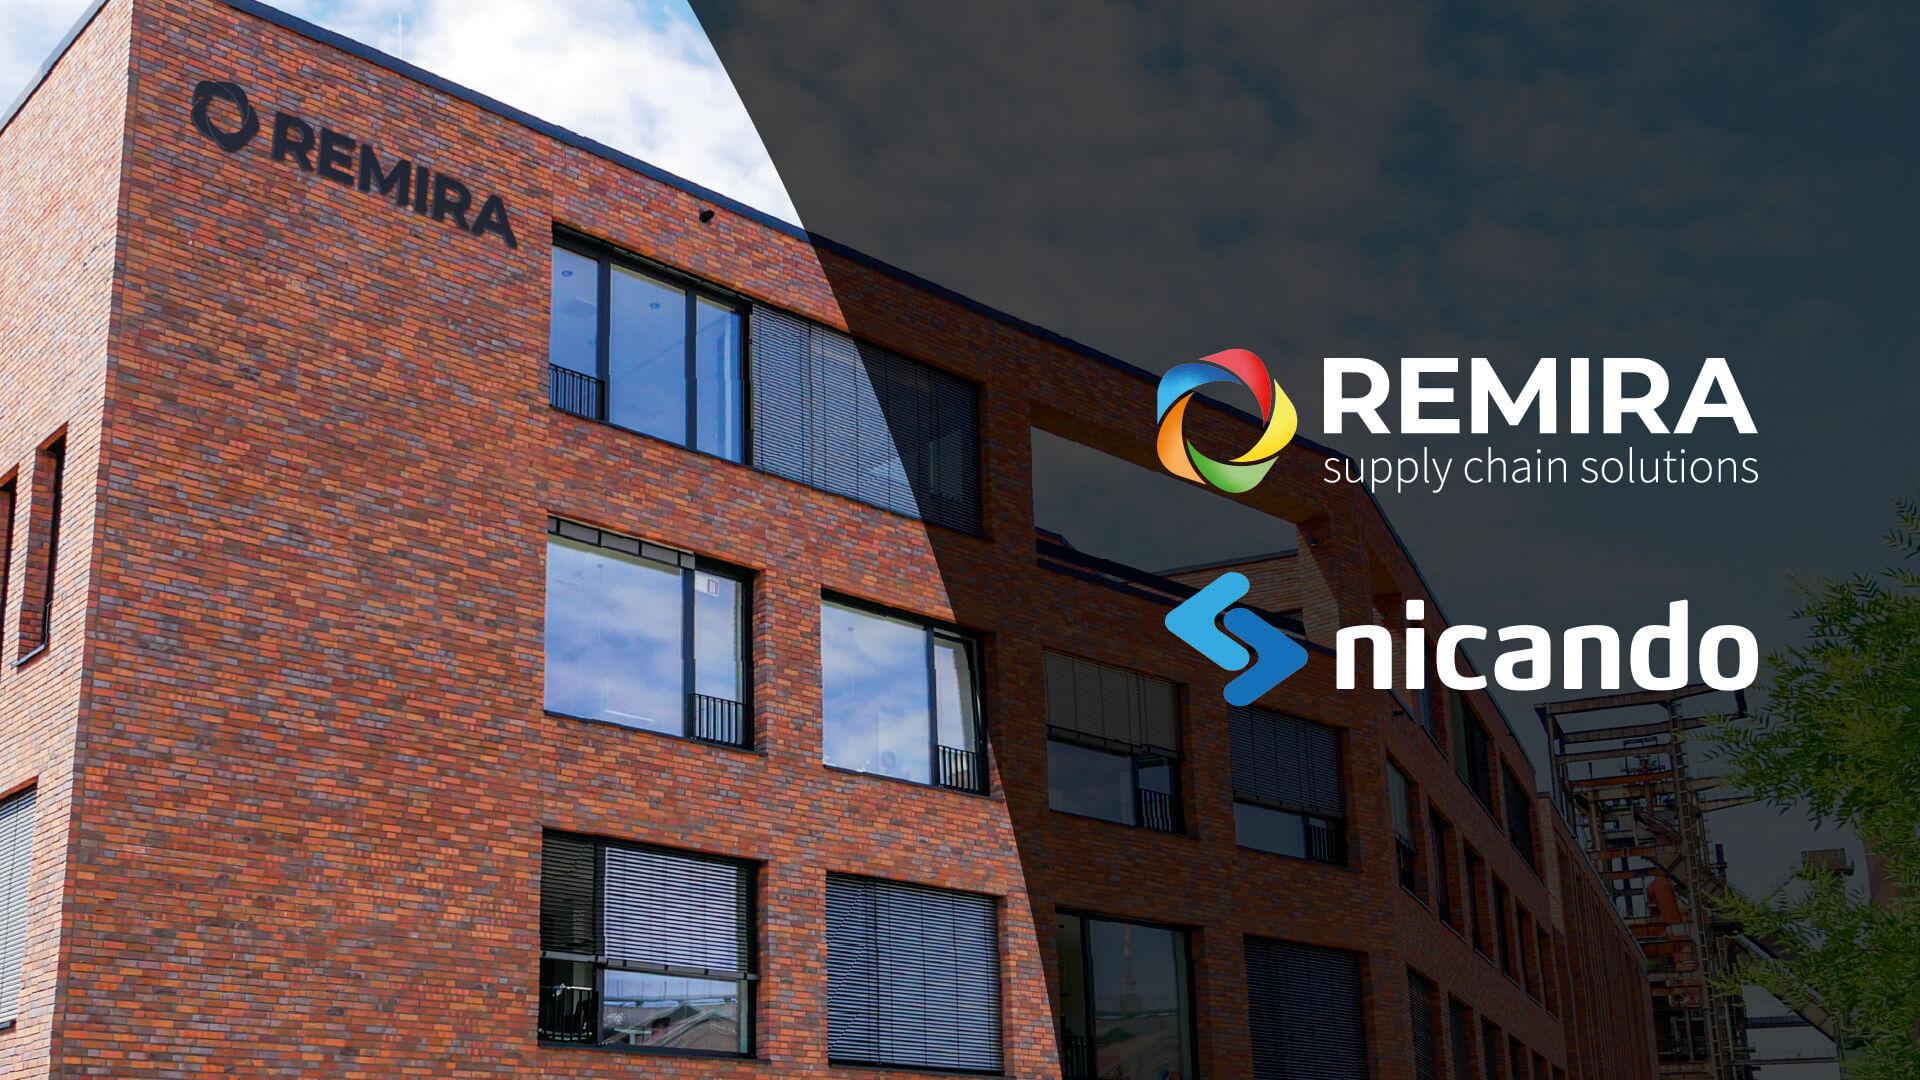 Mock Up REMIRA Gebäude mit REMIRA und Nicando Logo